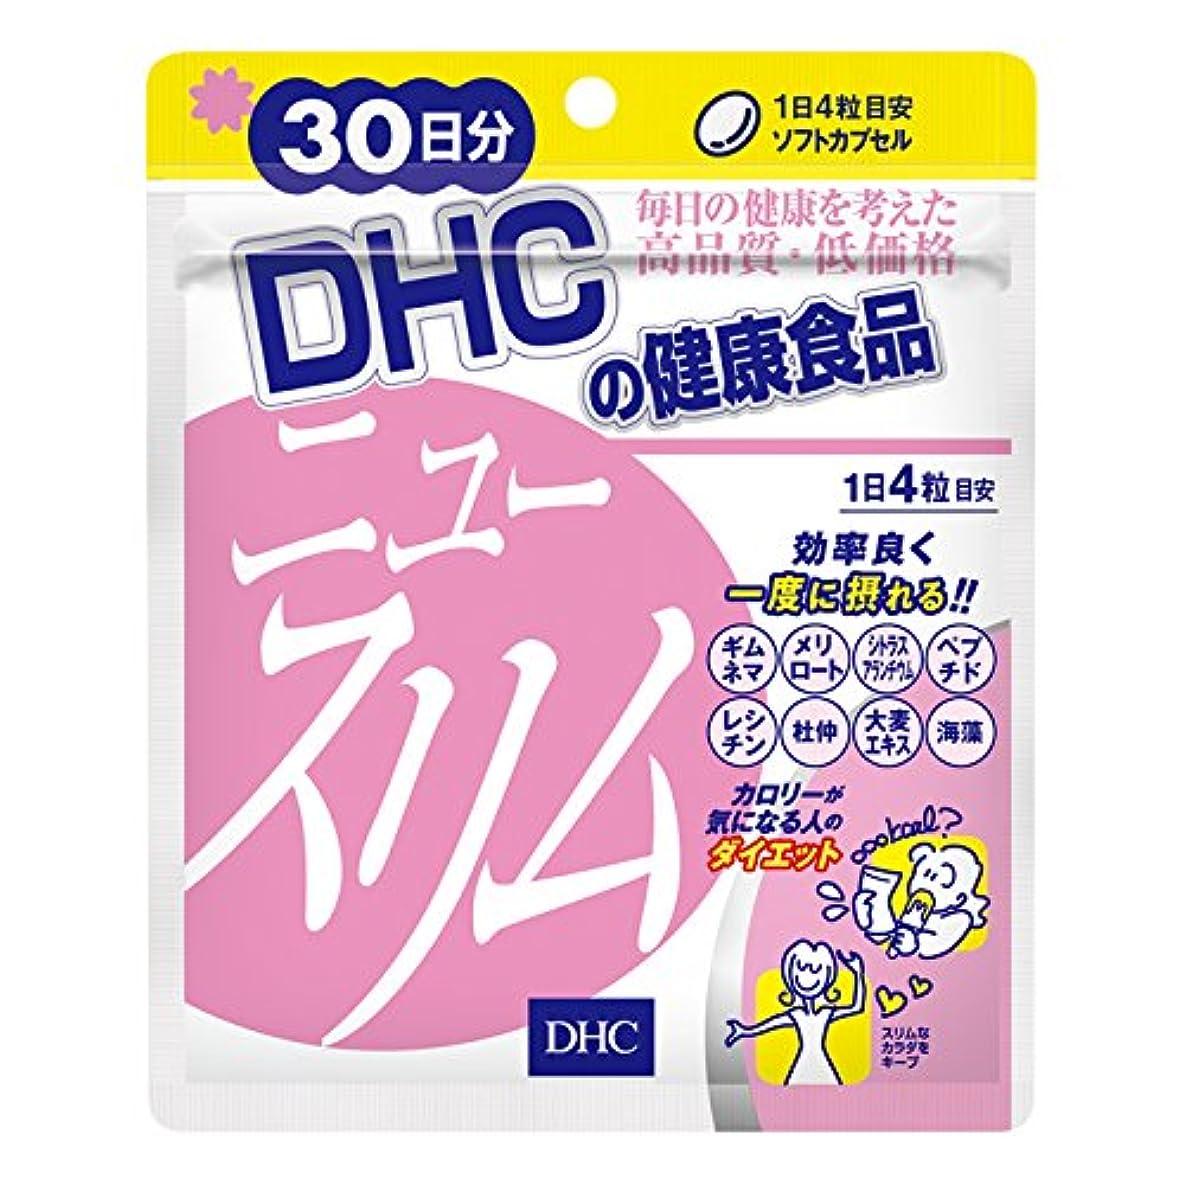 戦艦宿二次DHC ニュースリム 30日分